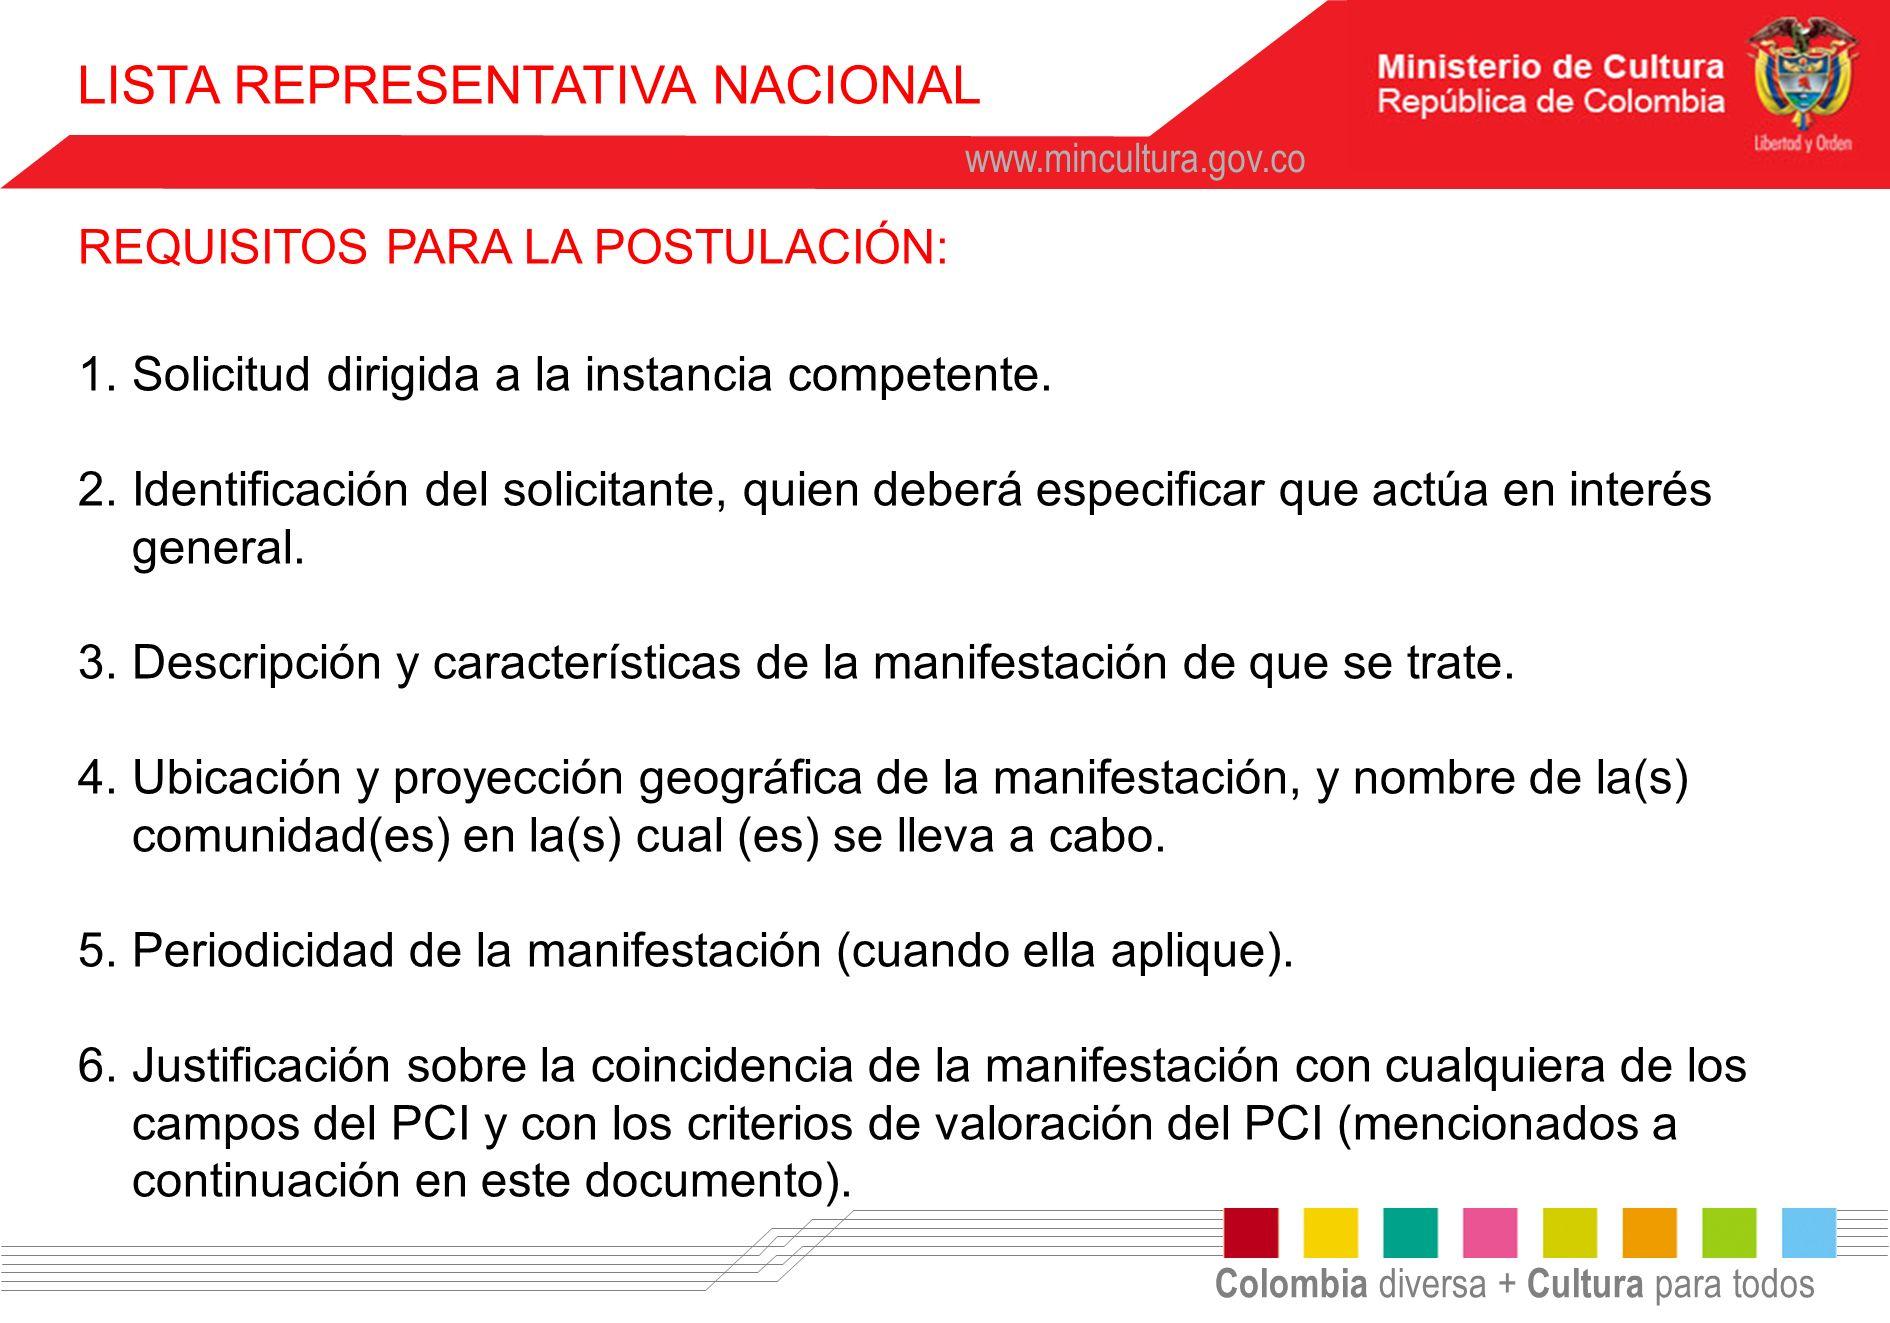 Colombia diversa + Cultura para todos www.mincultura.gov.co REQUISITOS PARA LA POSTULACIÓN: 1.Solicitud dirigida a la instancia competente. 2.Identifi